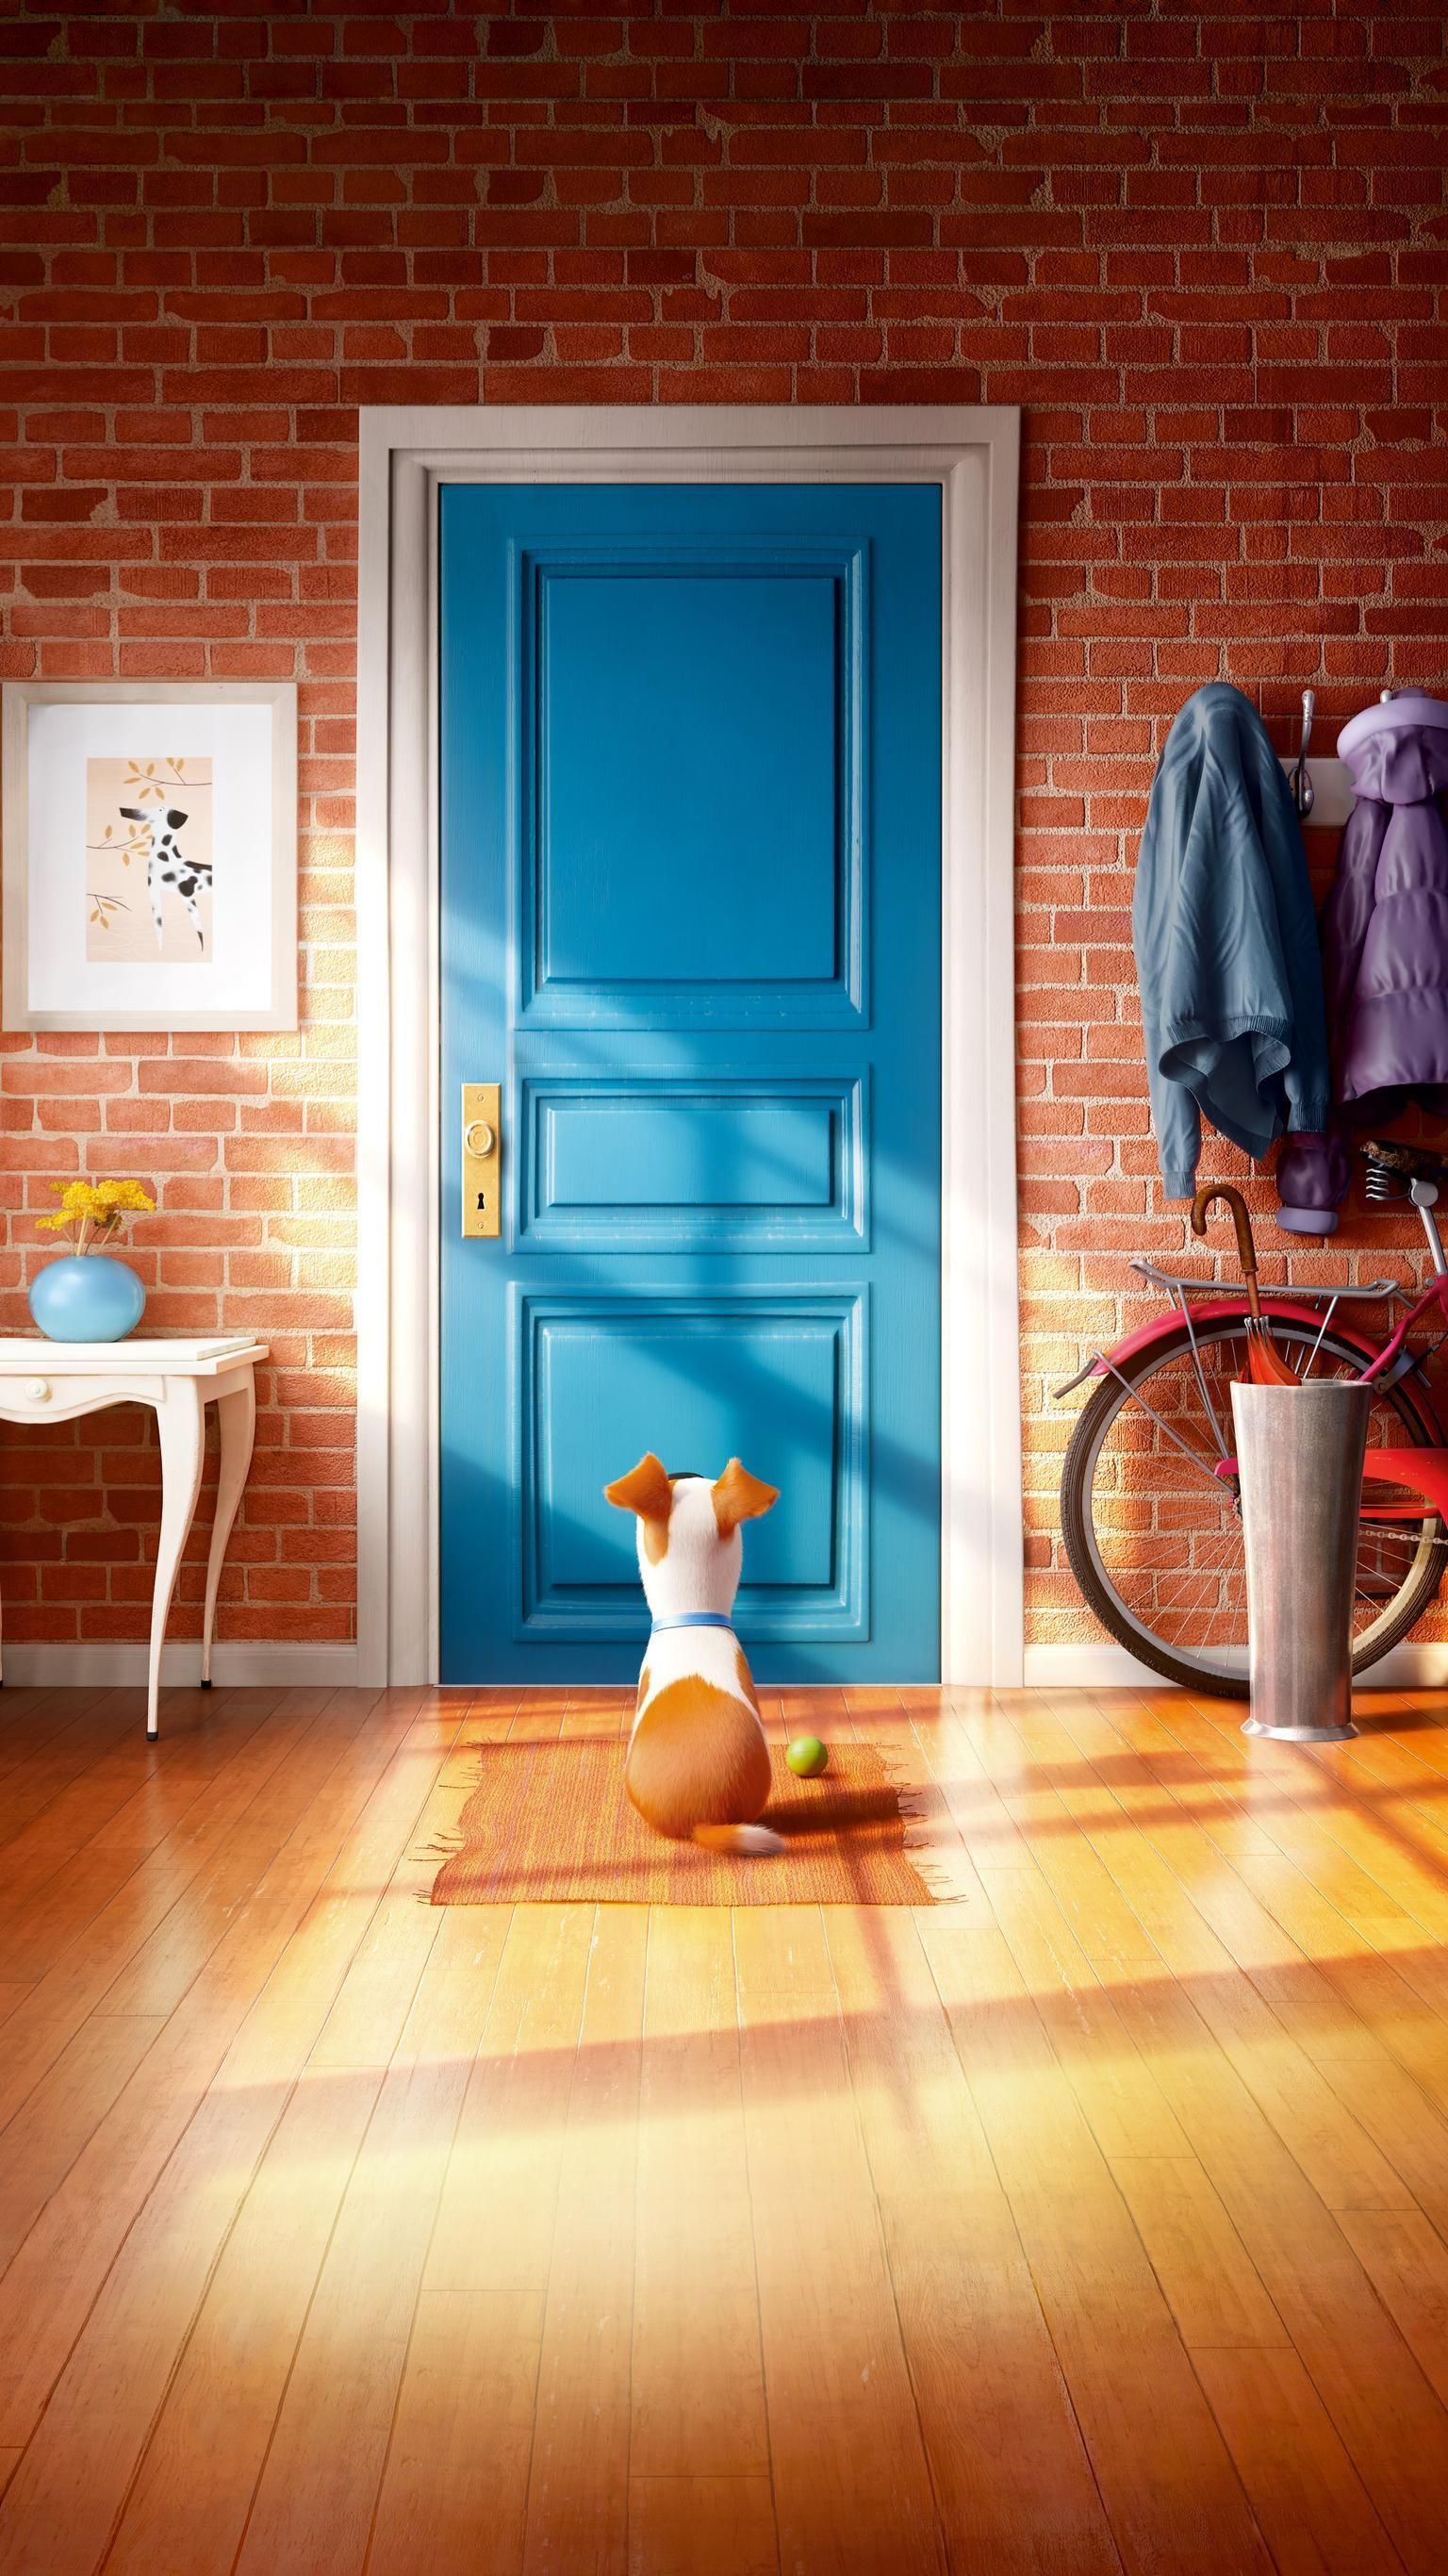 Das Geheime Leben Der Haustiere 2016 Phone Wallpaper Geheime Haustiere Leben Phone Wa Niedliche Hintergrundbilder Disney Zeichnungen Hintergrundbilder